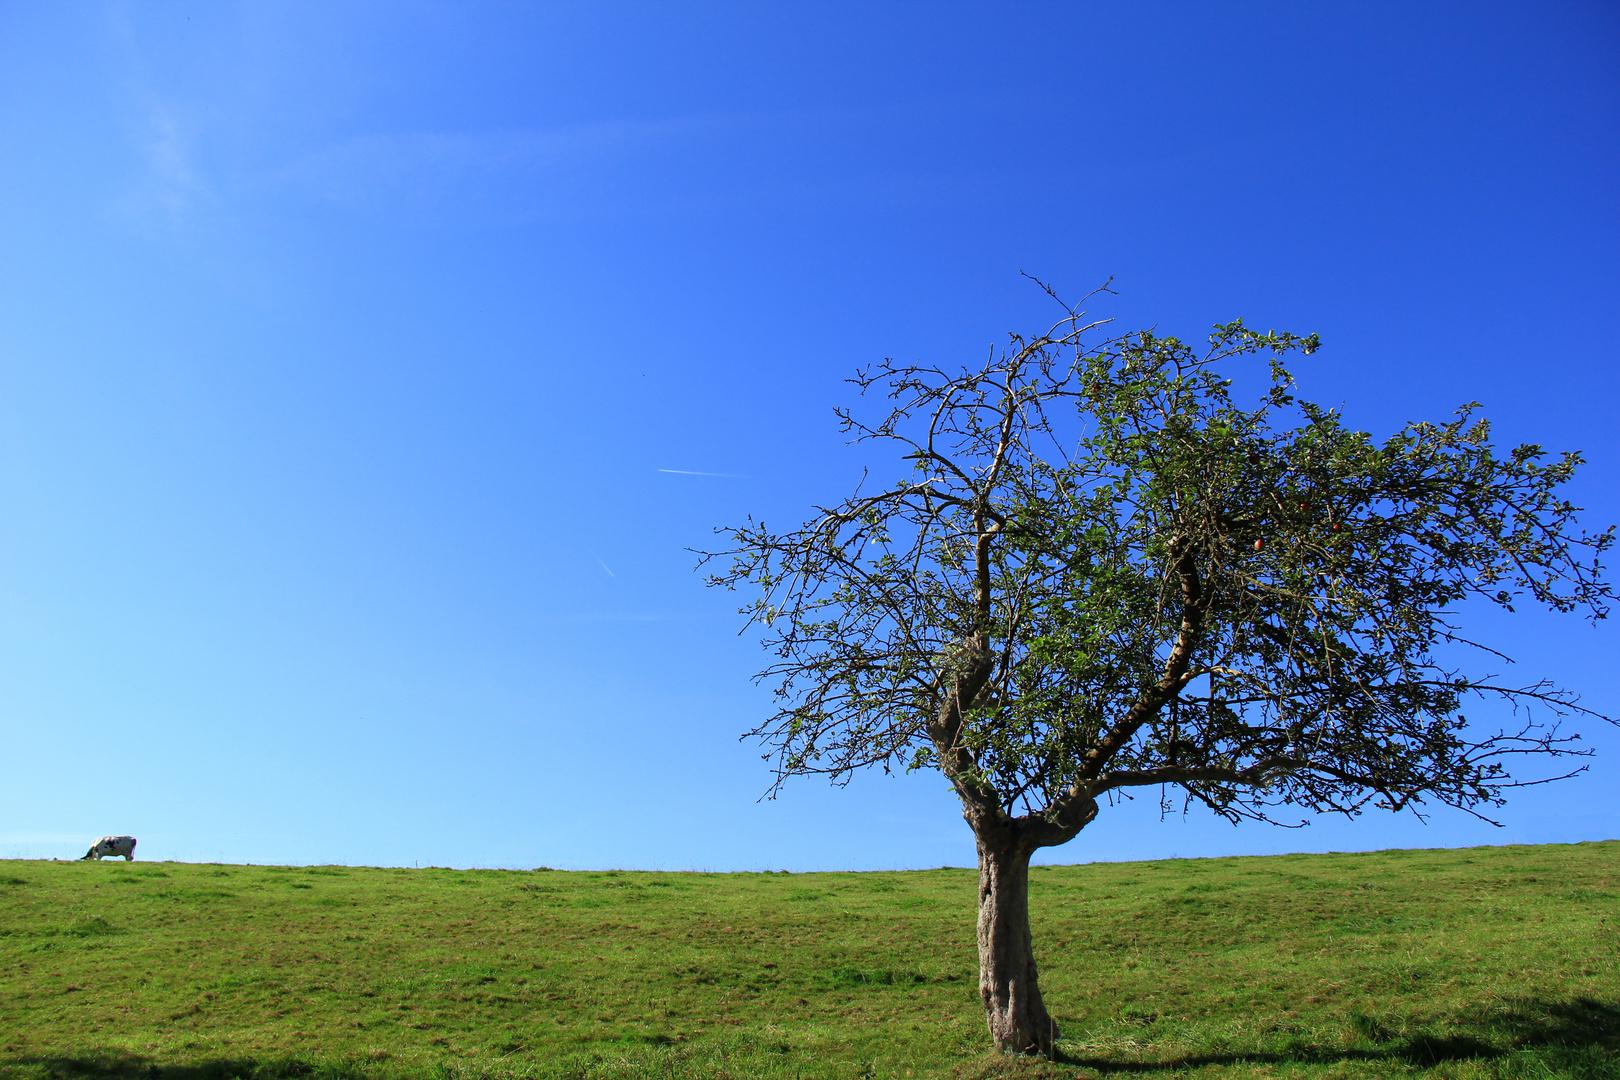 Irgendwo in der Eifel - Apfelbäumchen mit Kuh